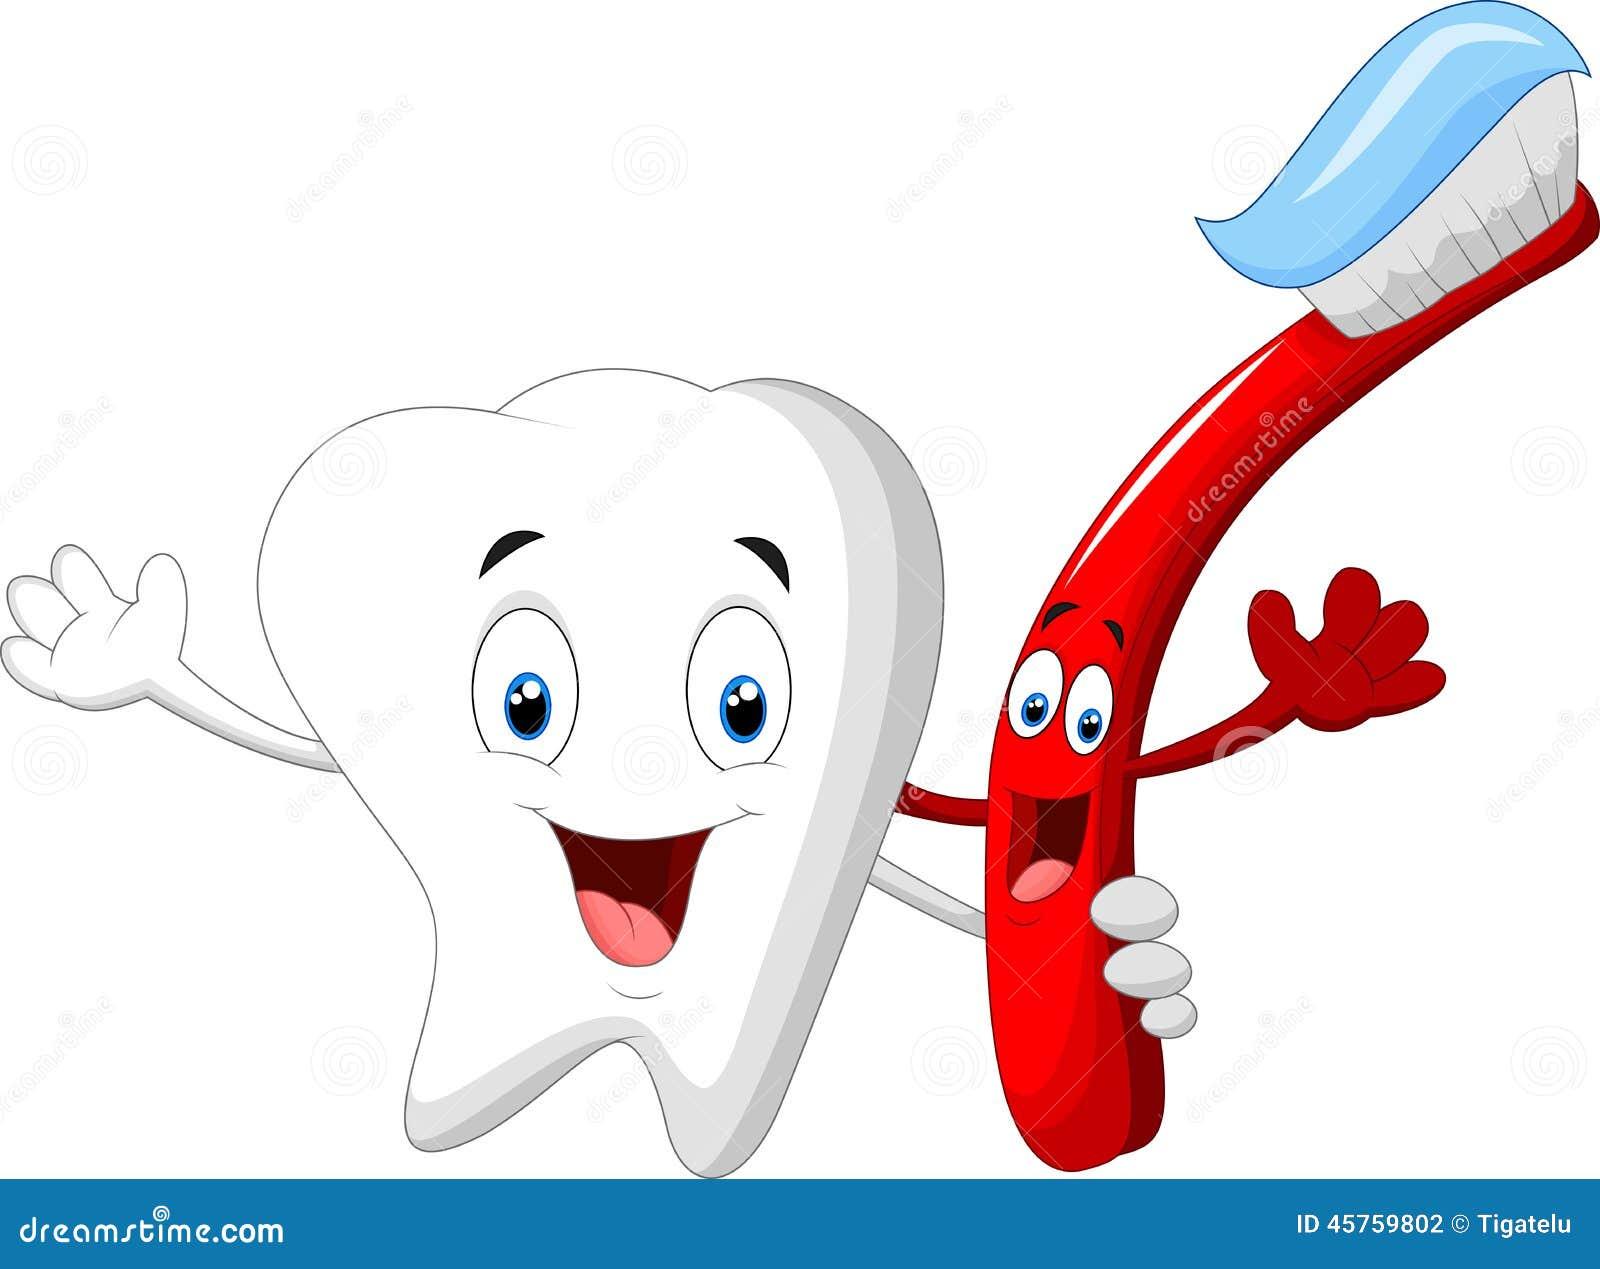 人物牙和牙齿漫画漫画创世魂兵(牙刷)图片